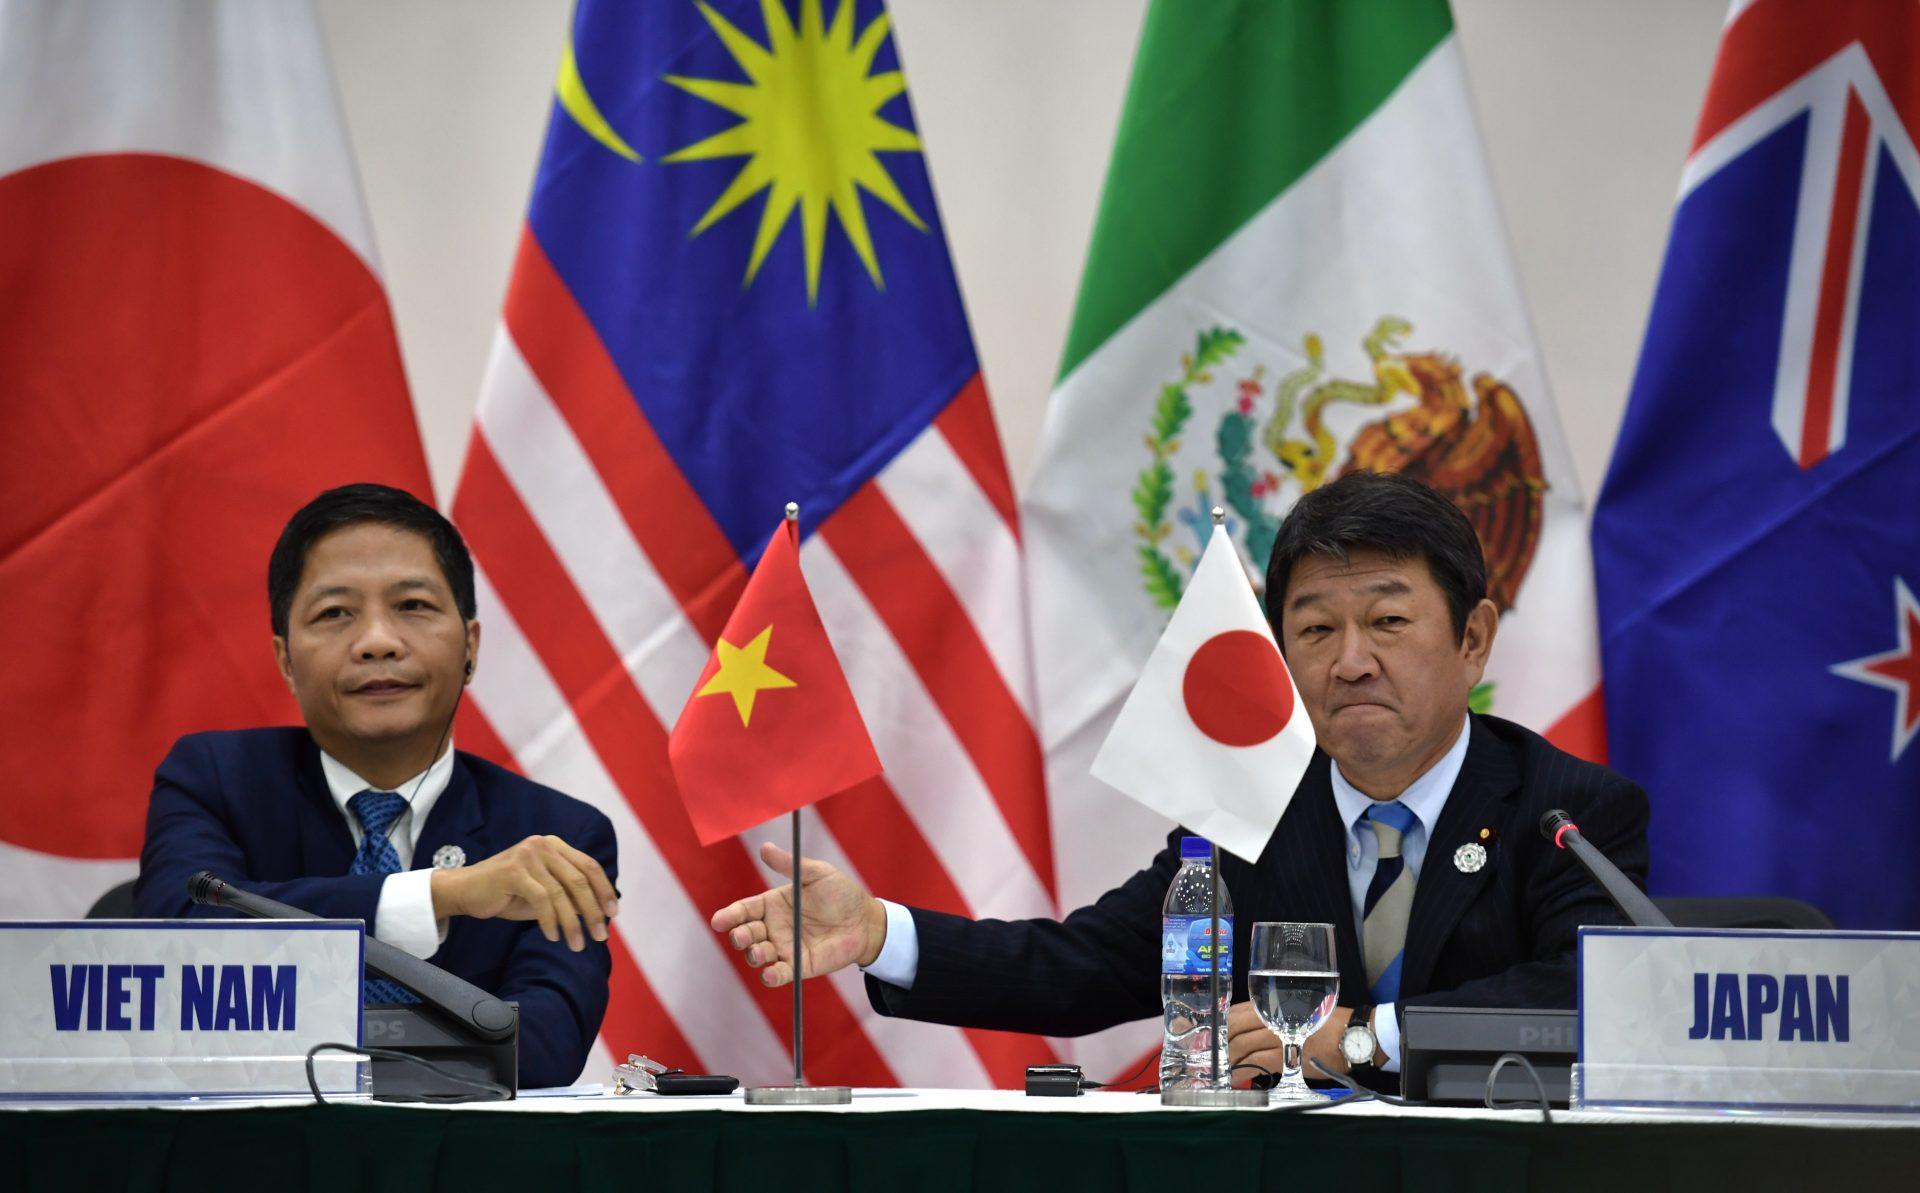 Le ministre vietnamien du Commerce Tran Tuan Anh (à gauche) s'apprête à serrer la main du ministre japonais de la Revitalisaiotn économique Toshimitsu Motegi lors d'une conférence de presse sur le Transpacific Partnership (TPP) en marge du sommet de l'APEC ( Coopération économique de l'Asie-Pacifique) à Danang au Vietnam, le 11 novembre 2017. (Crédits : AFP PHOTO / Anthony WALLACE)